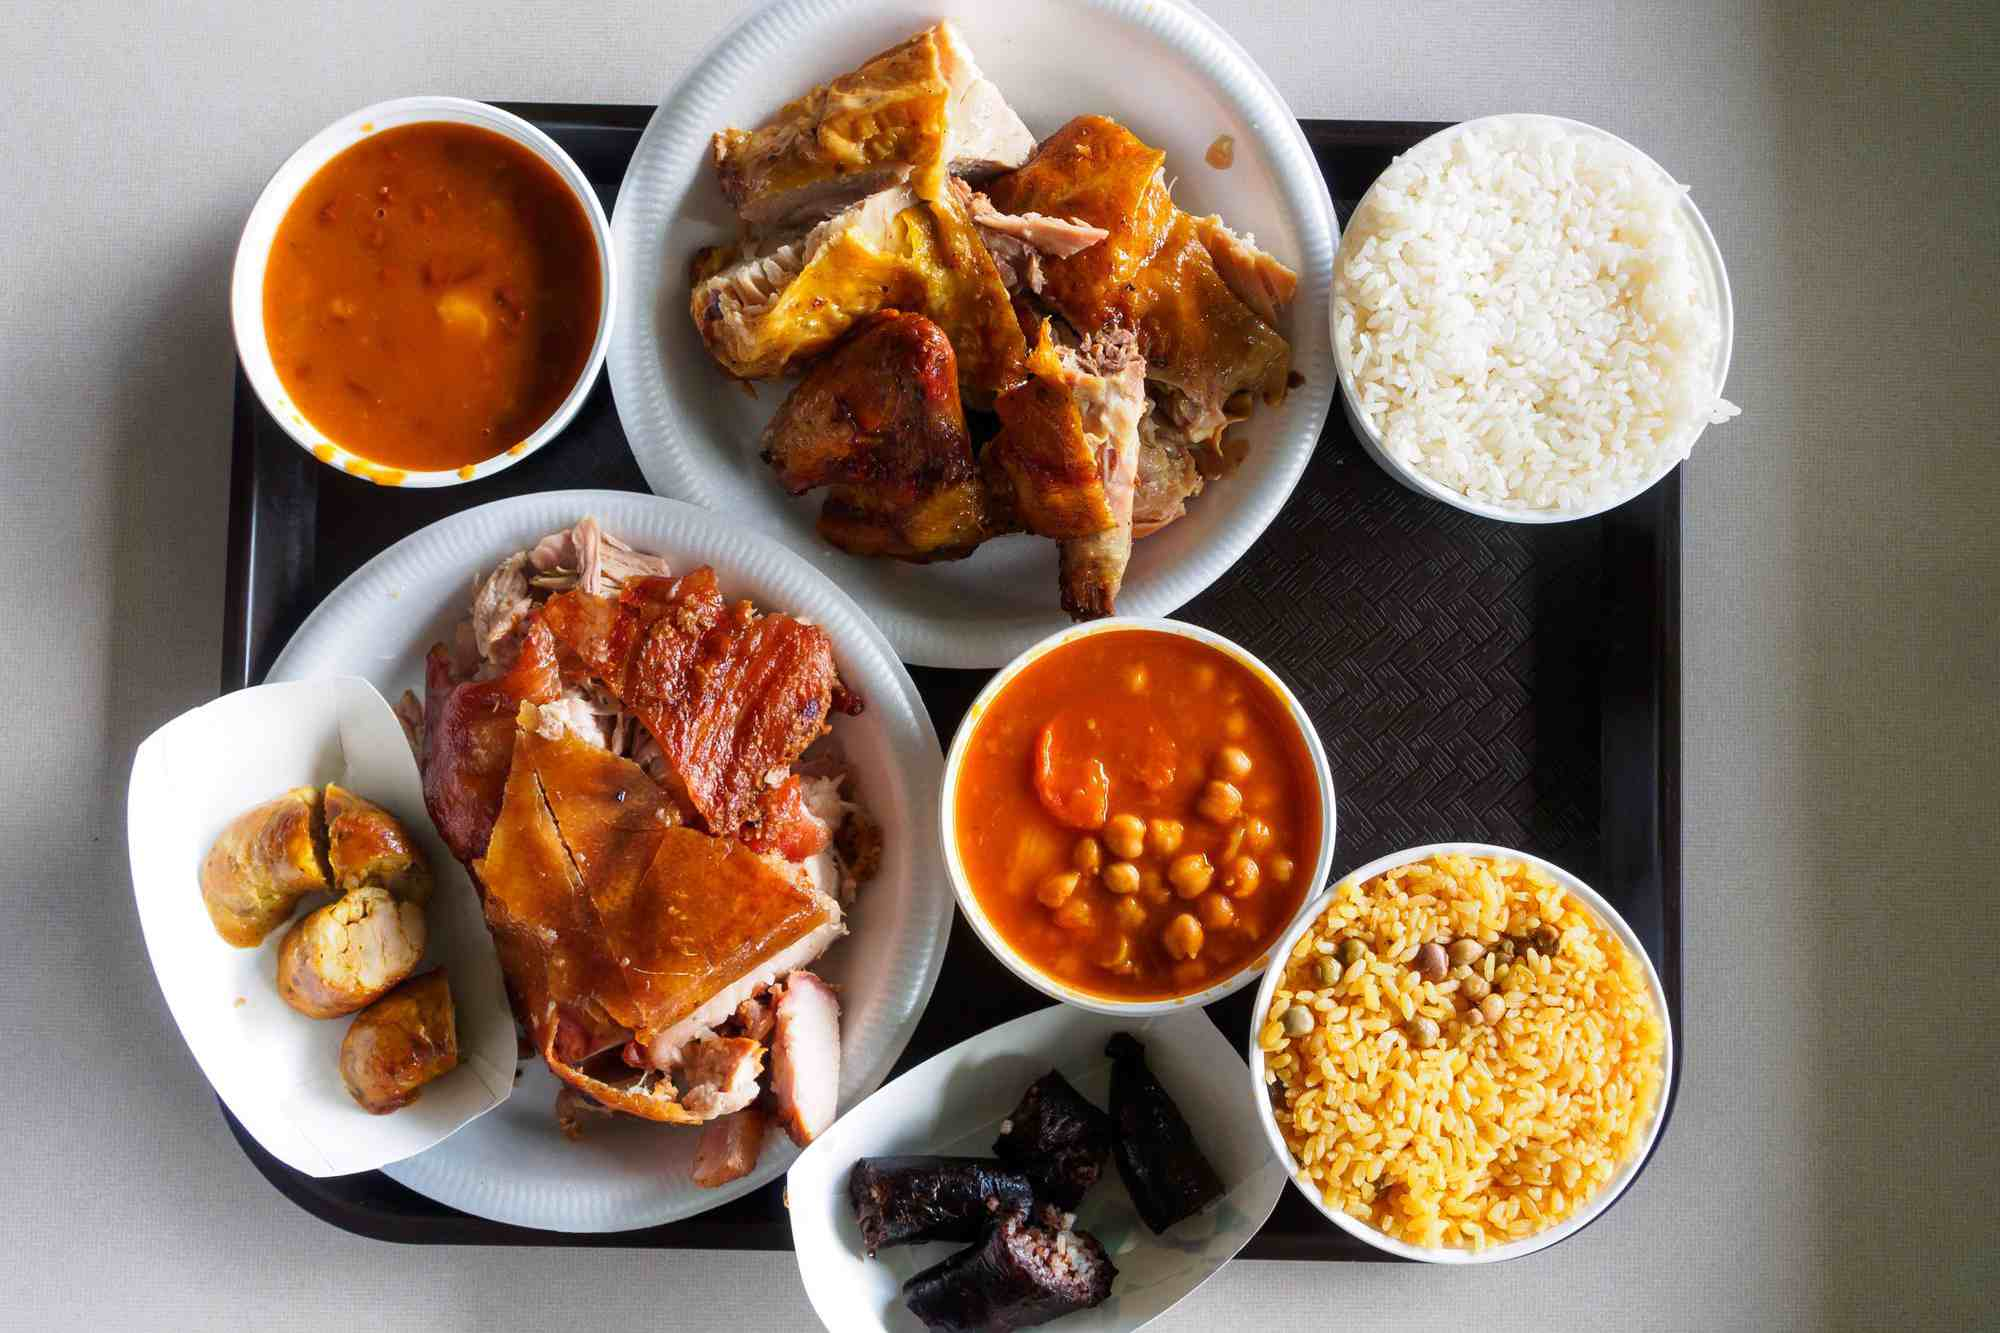 Plato de comida en las lechoneras de Guavate